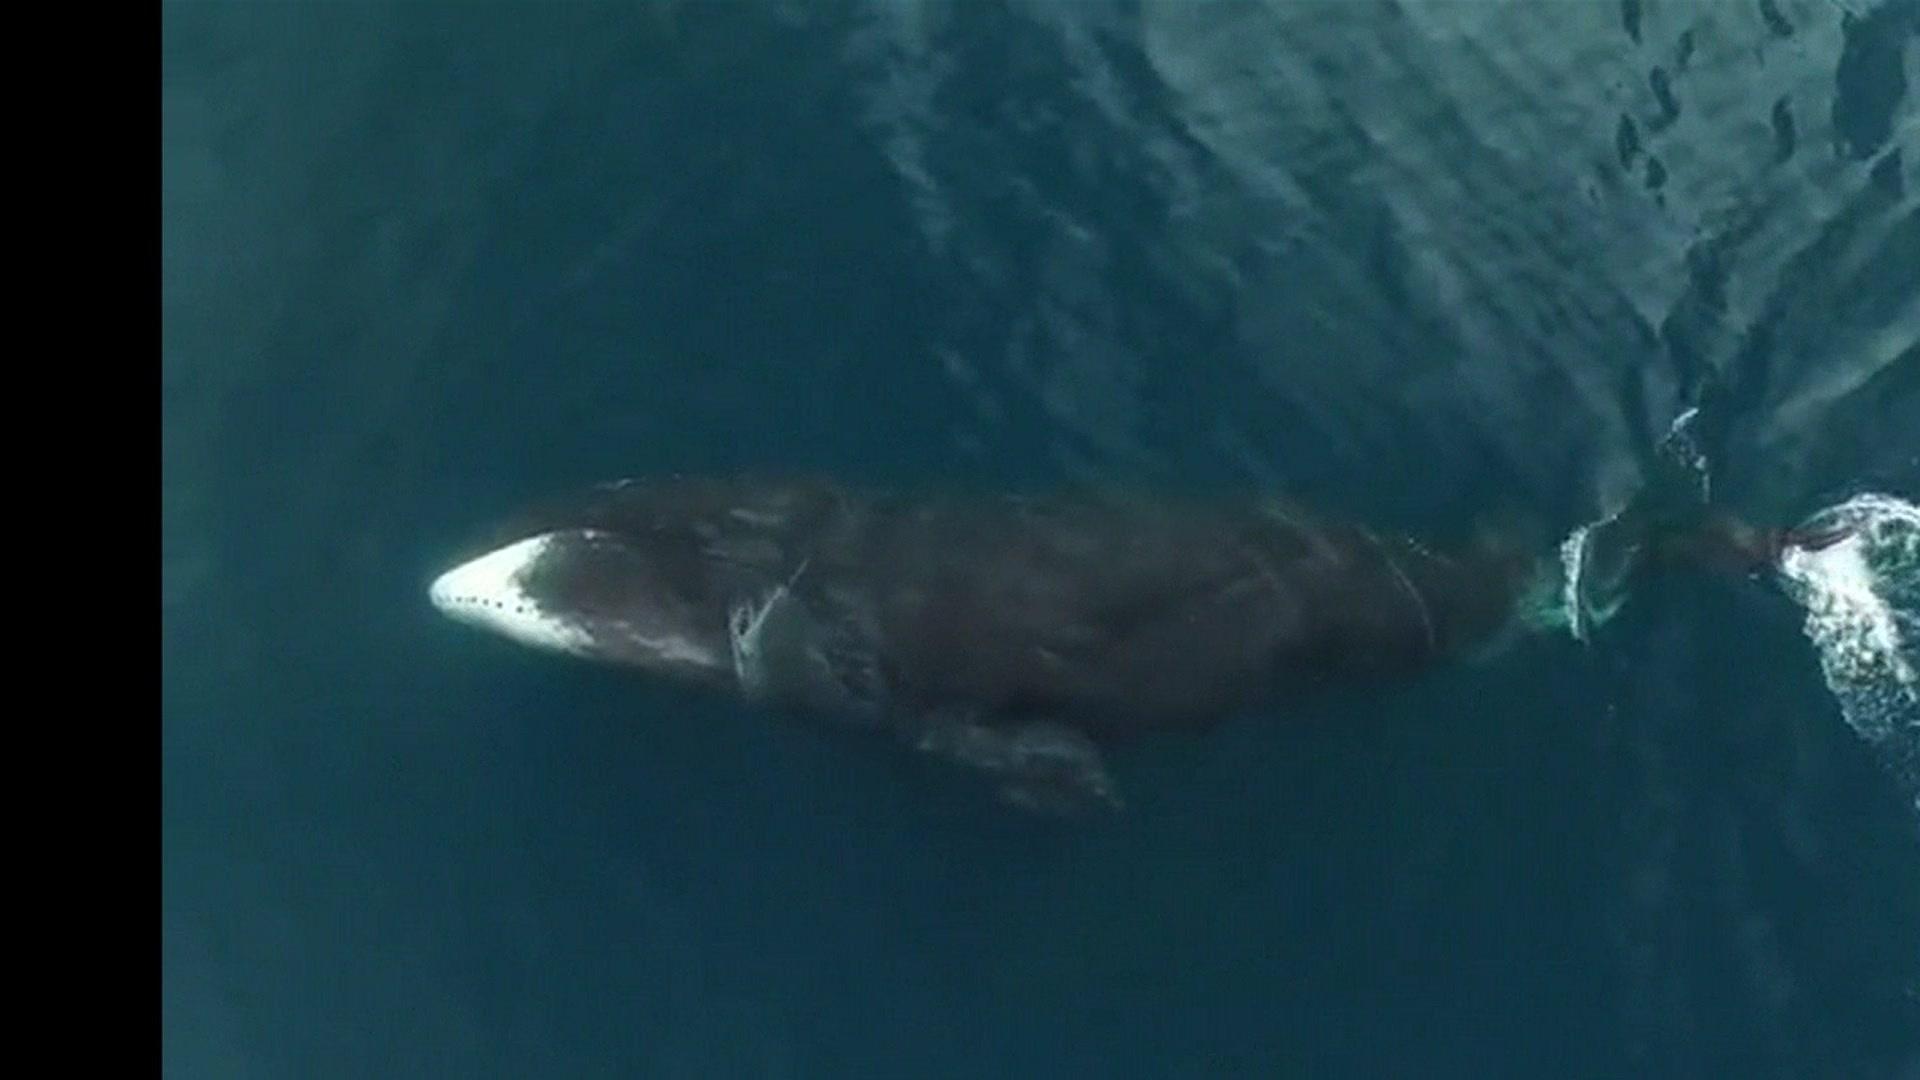 31.out.2016 - Usando drones, cientistas canadenses fizeram registros raros de baleias-da-groenlândia nadando pelas águas gélidas do Ártico